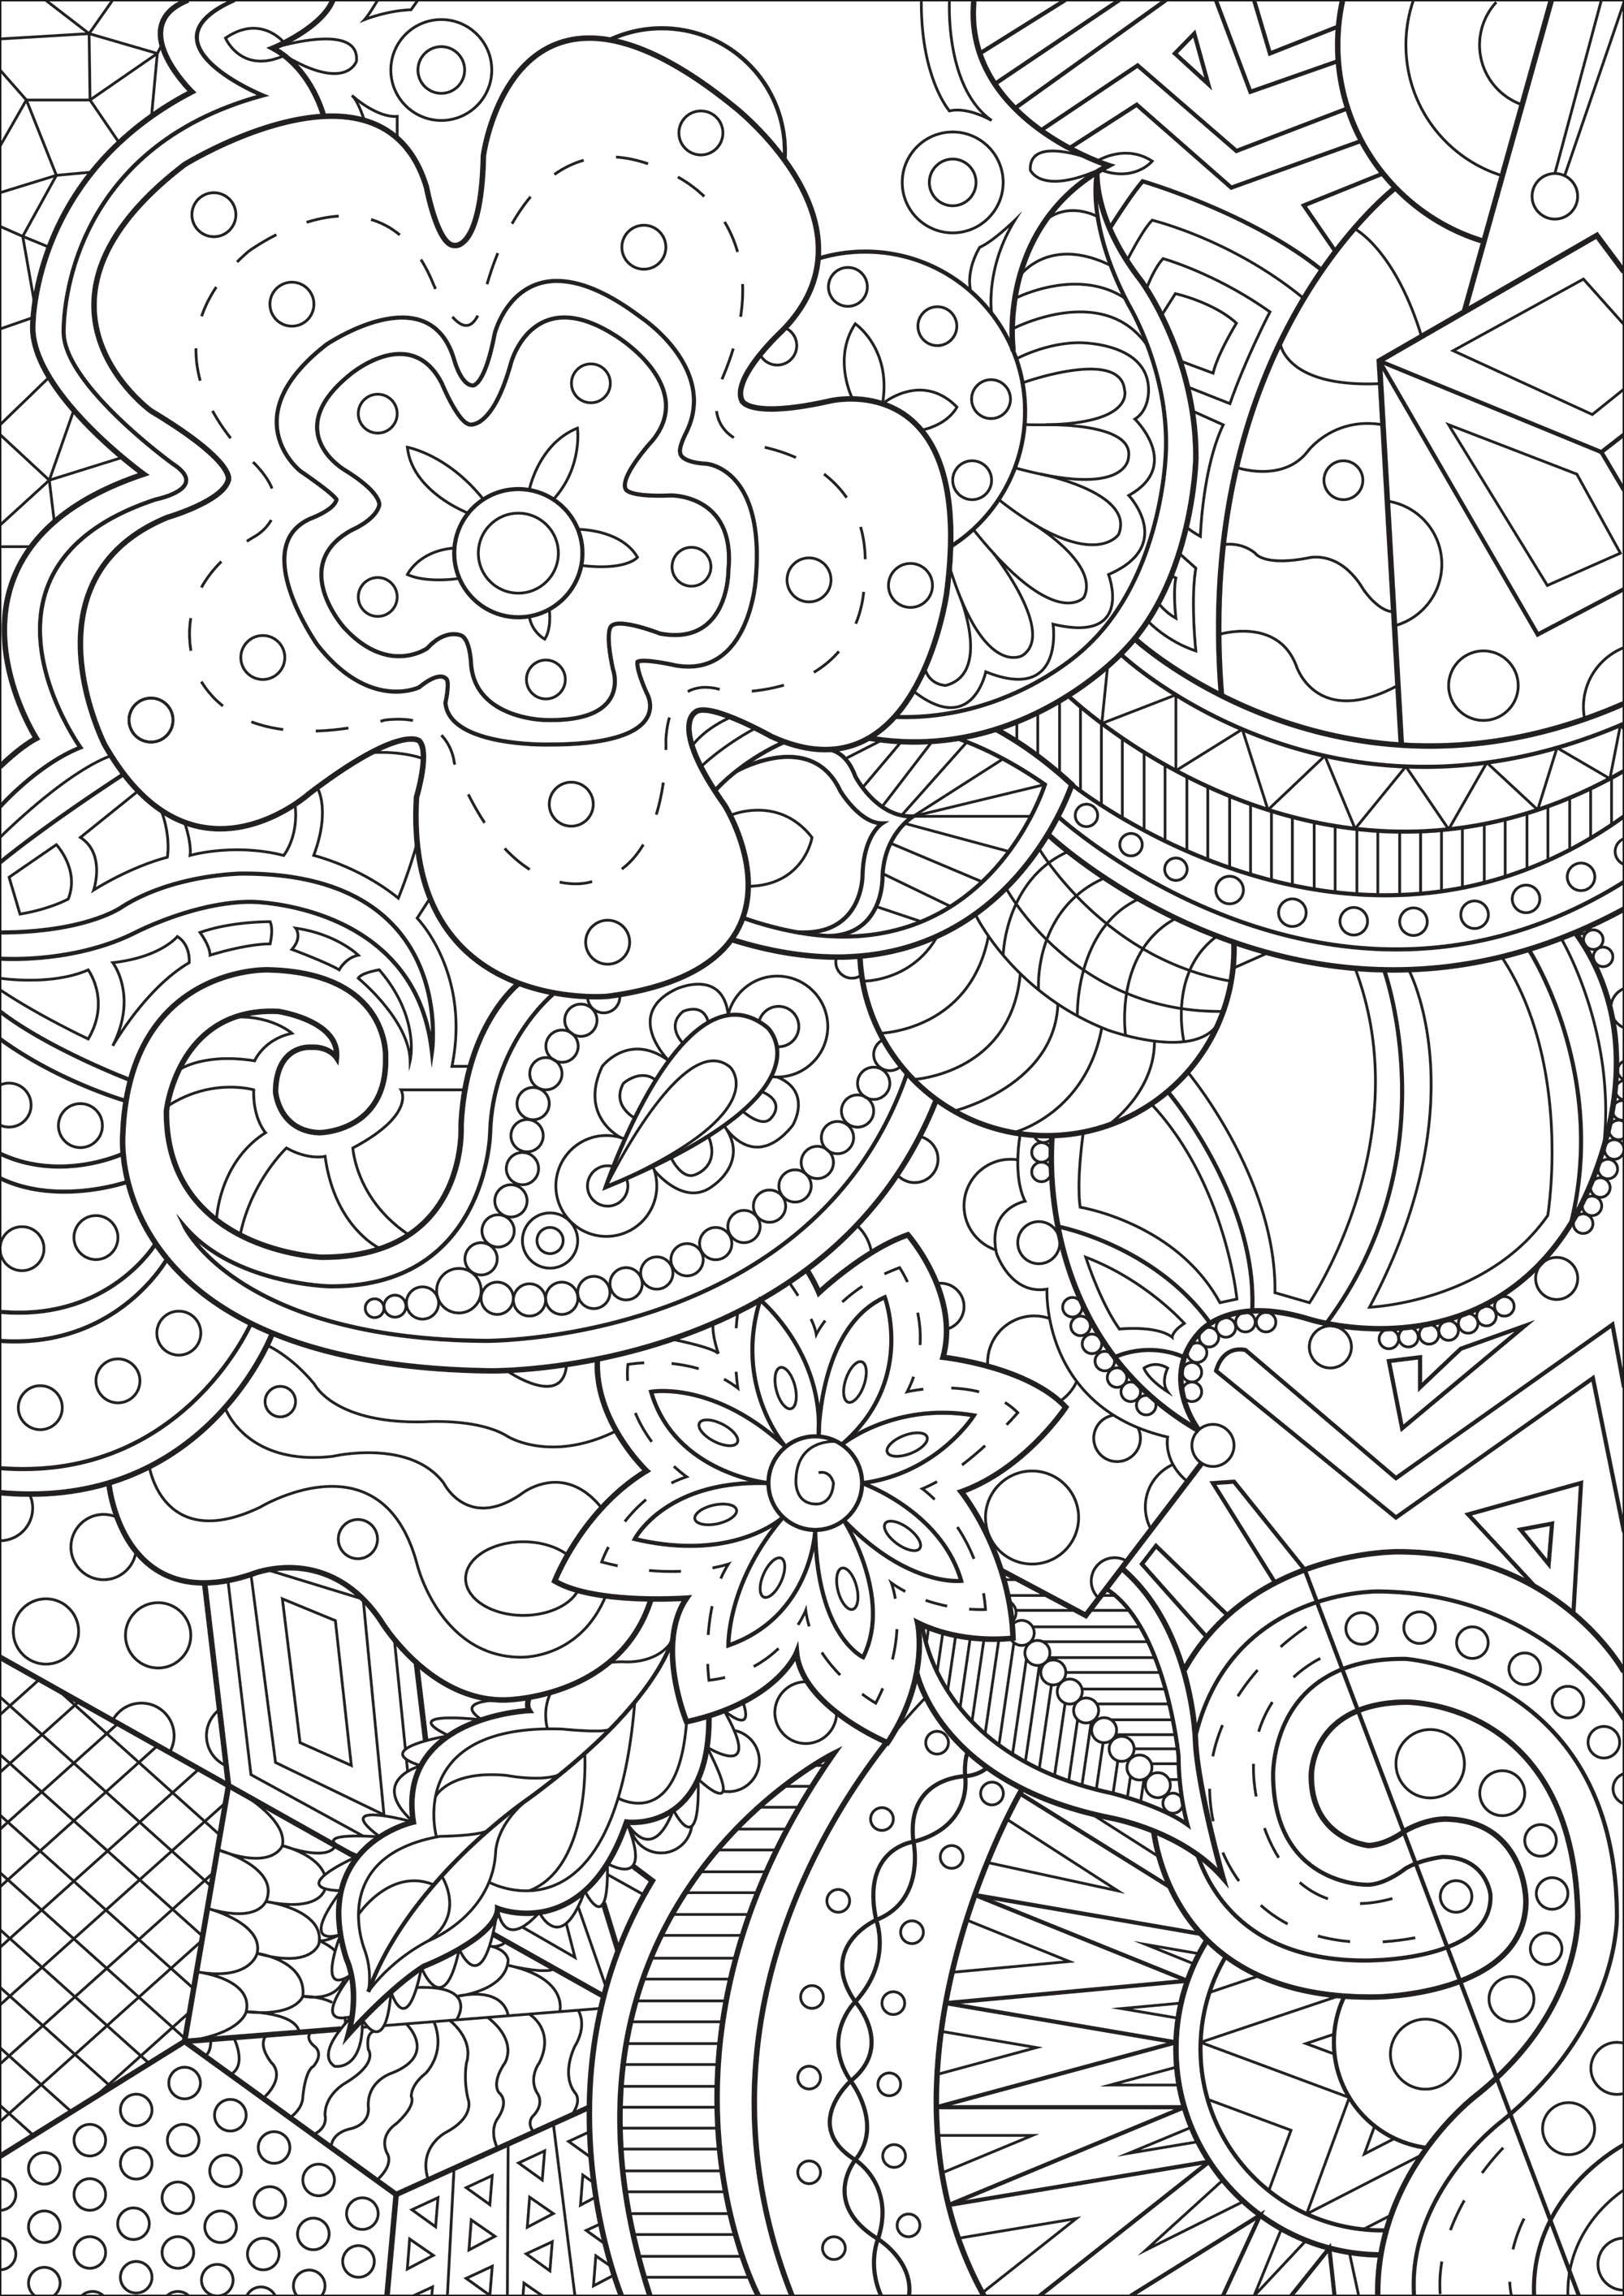 Magnifique dessin à colorier composé de fleurs et de formes abstraites entremêlées